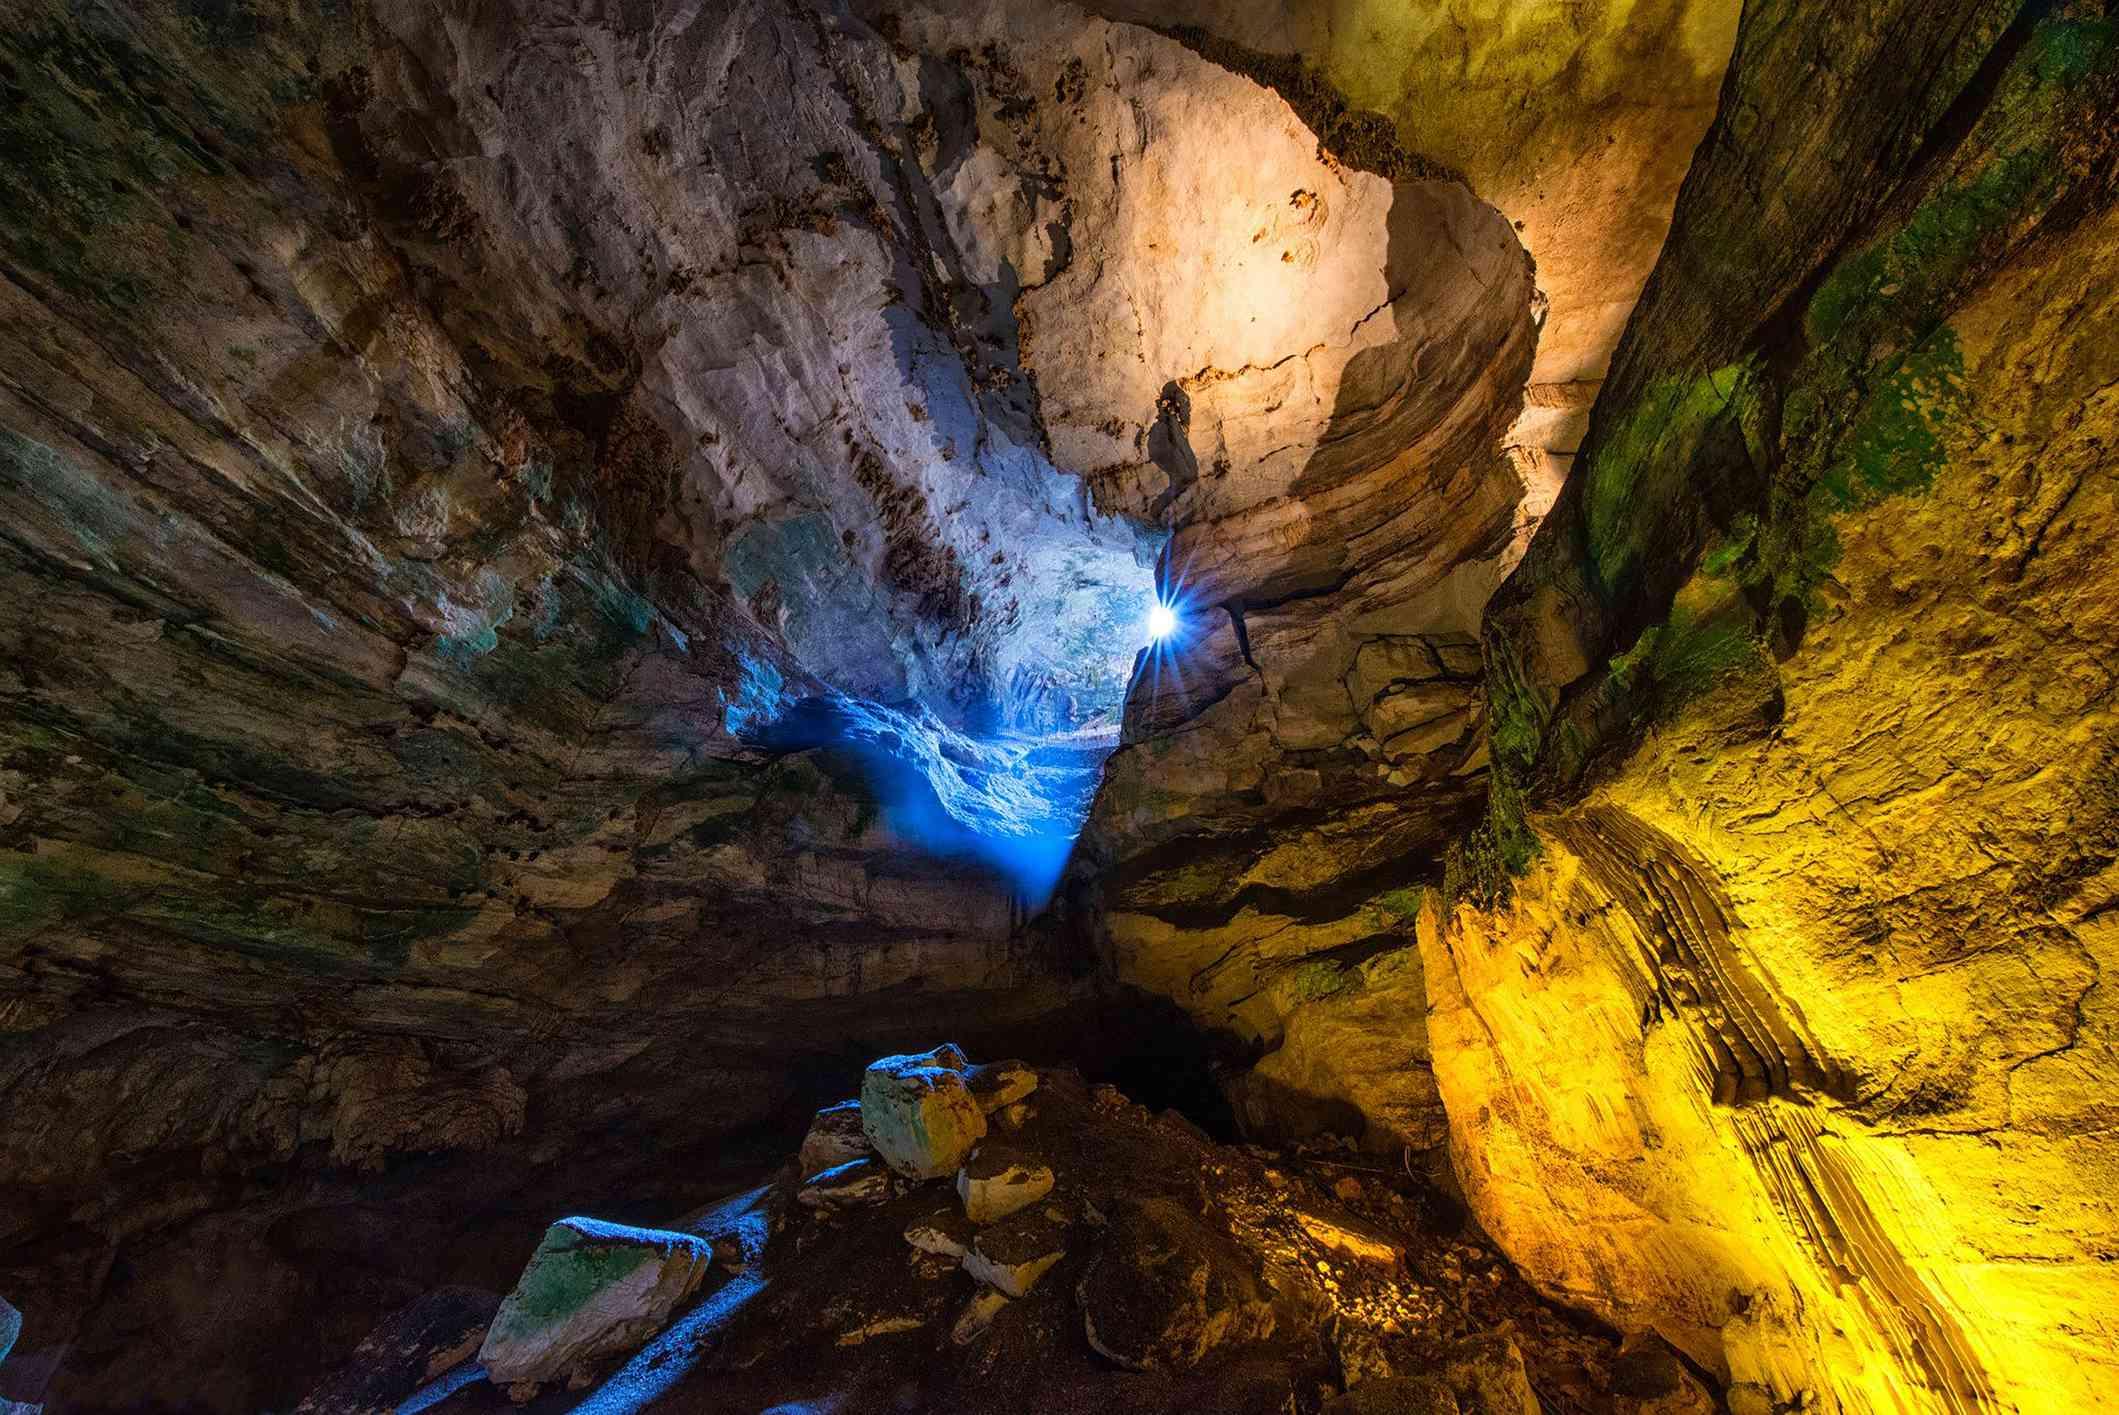 Luz del sol en la caverna de Carlsbad